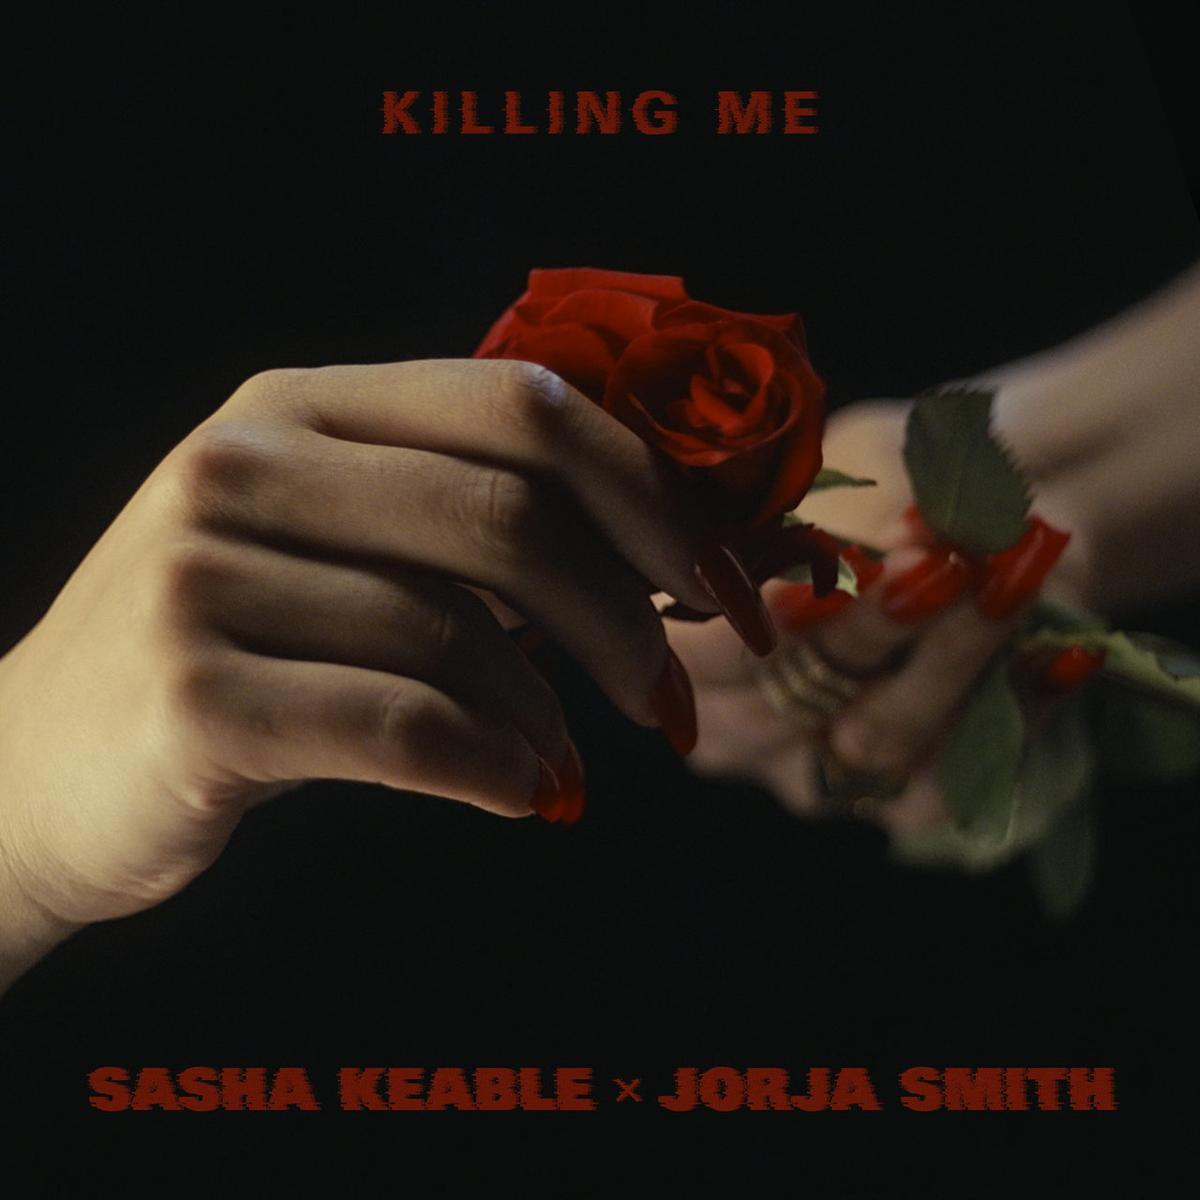 Sasha Keable Ft. Jorja Smith - Killing Me Mp3